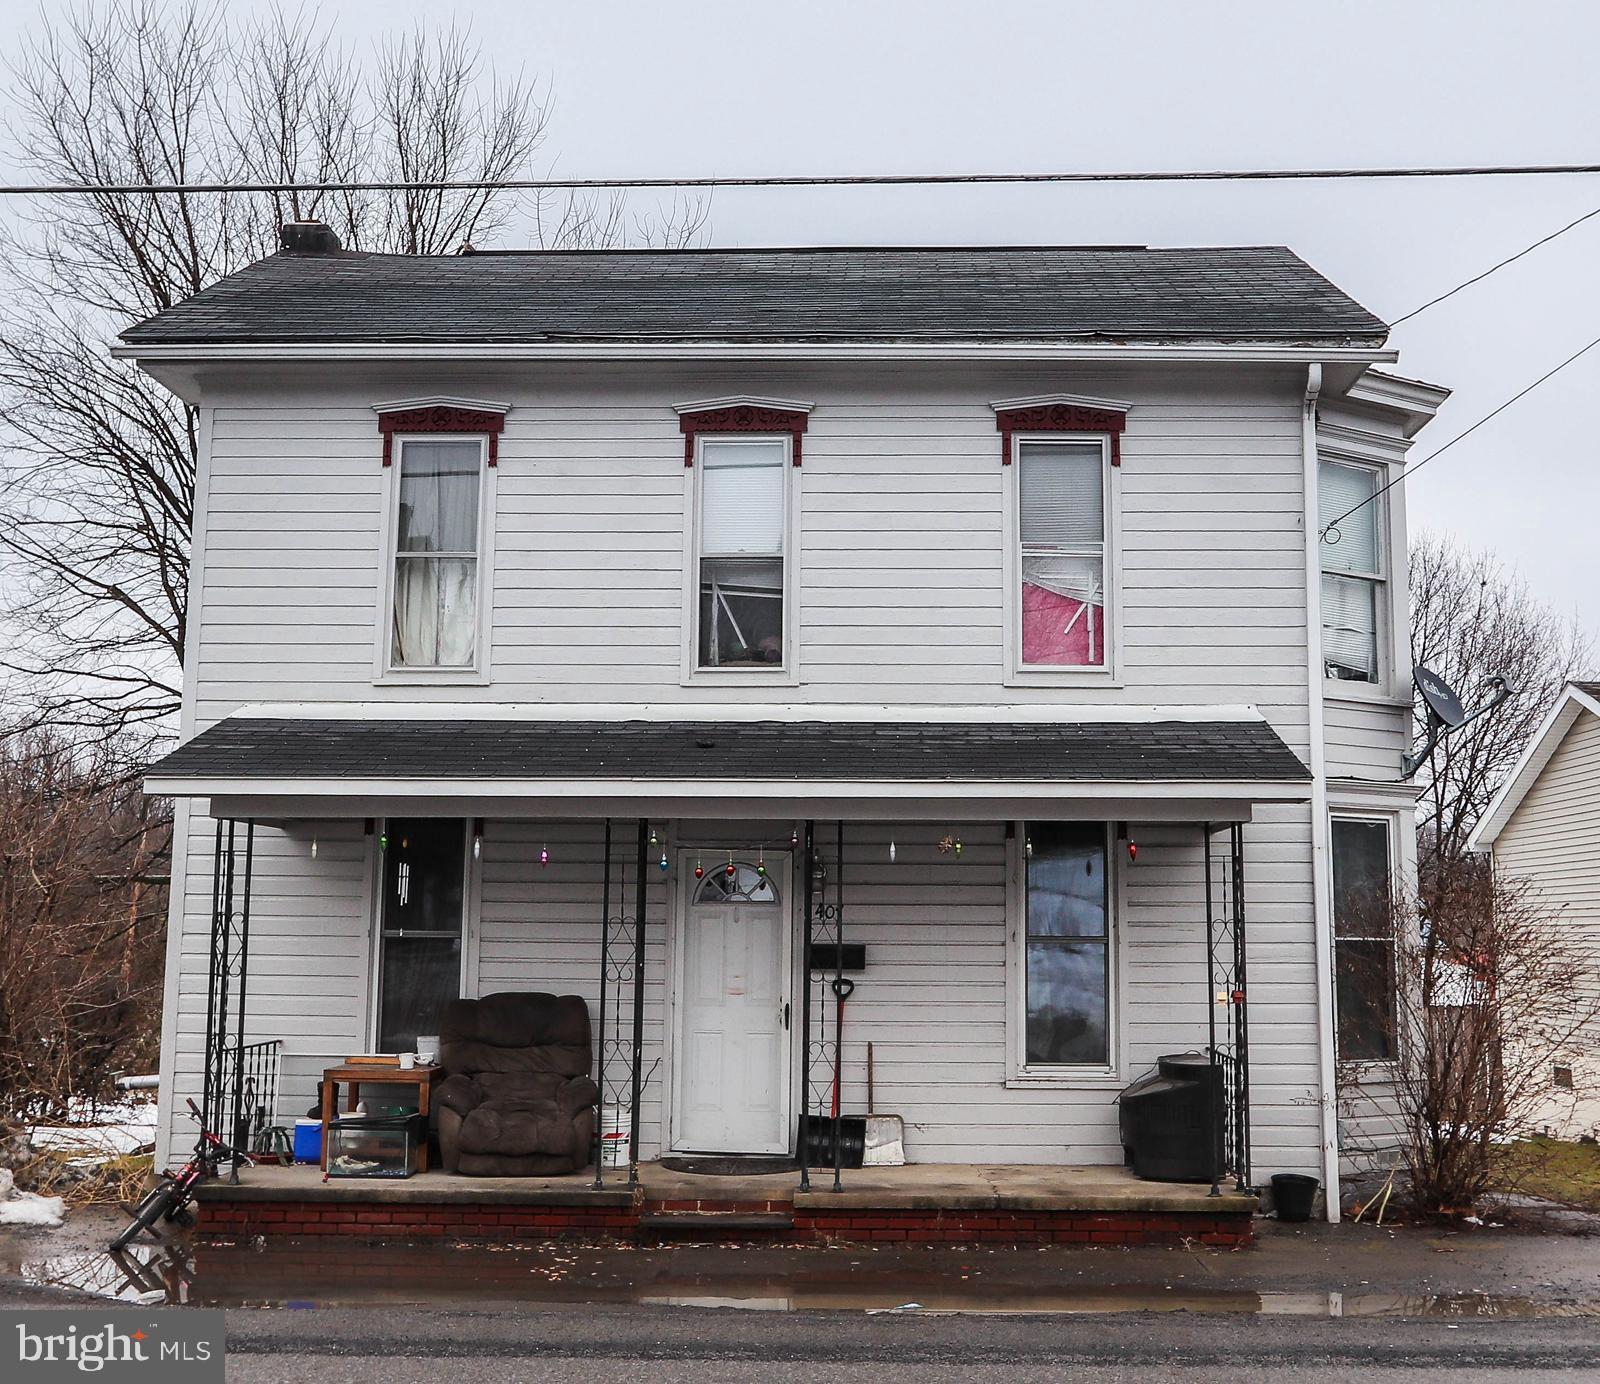 407 S 4TH STREET, NEWPORT, PA 17074